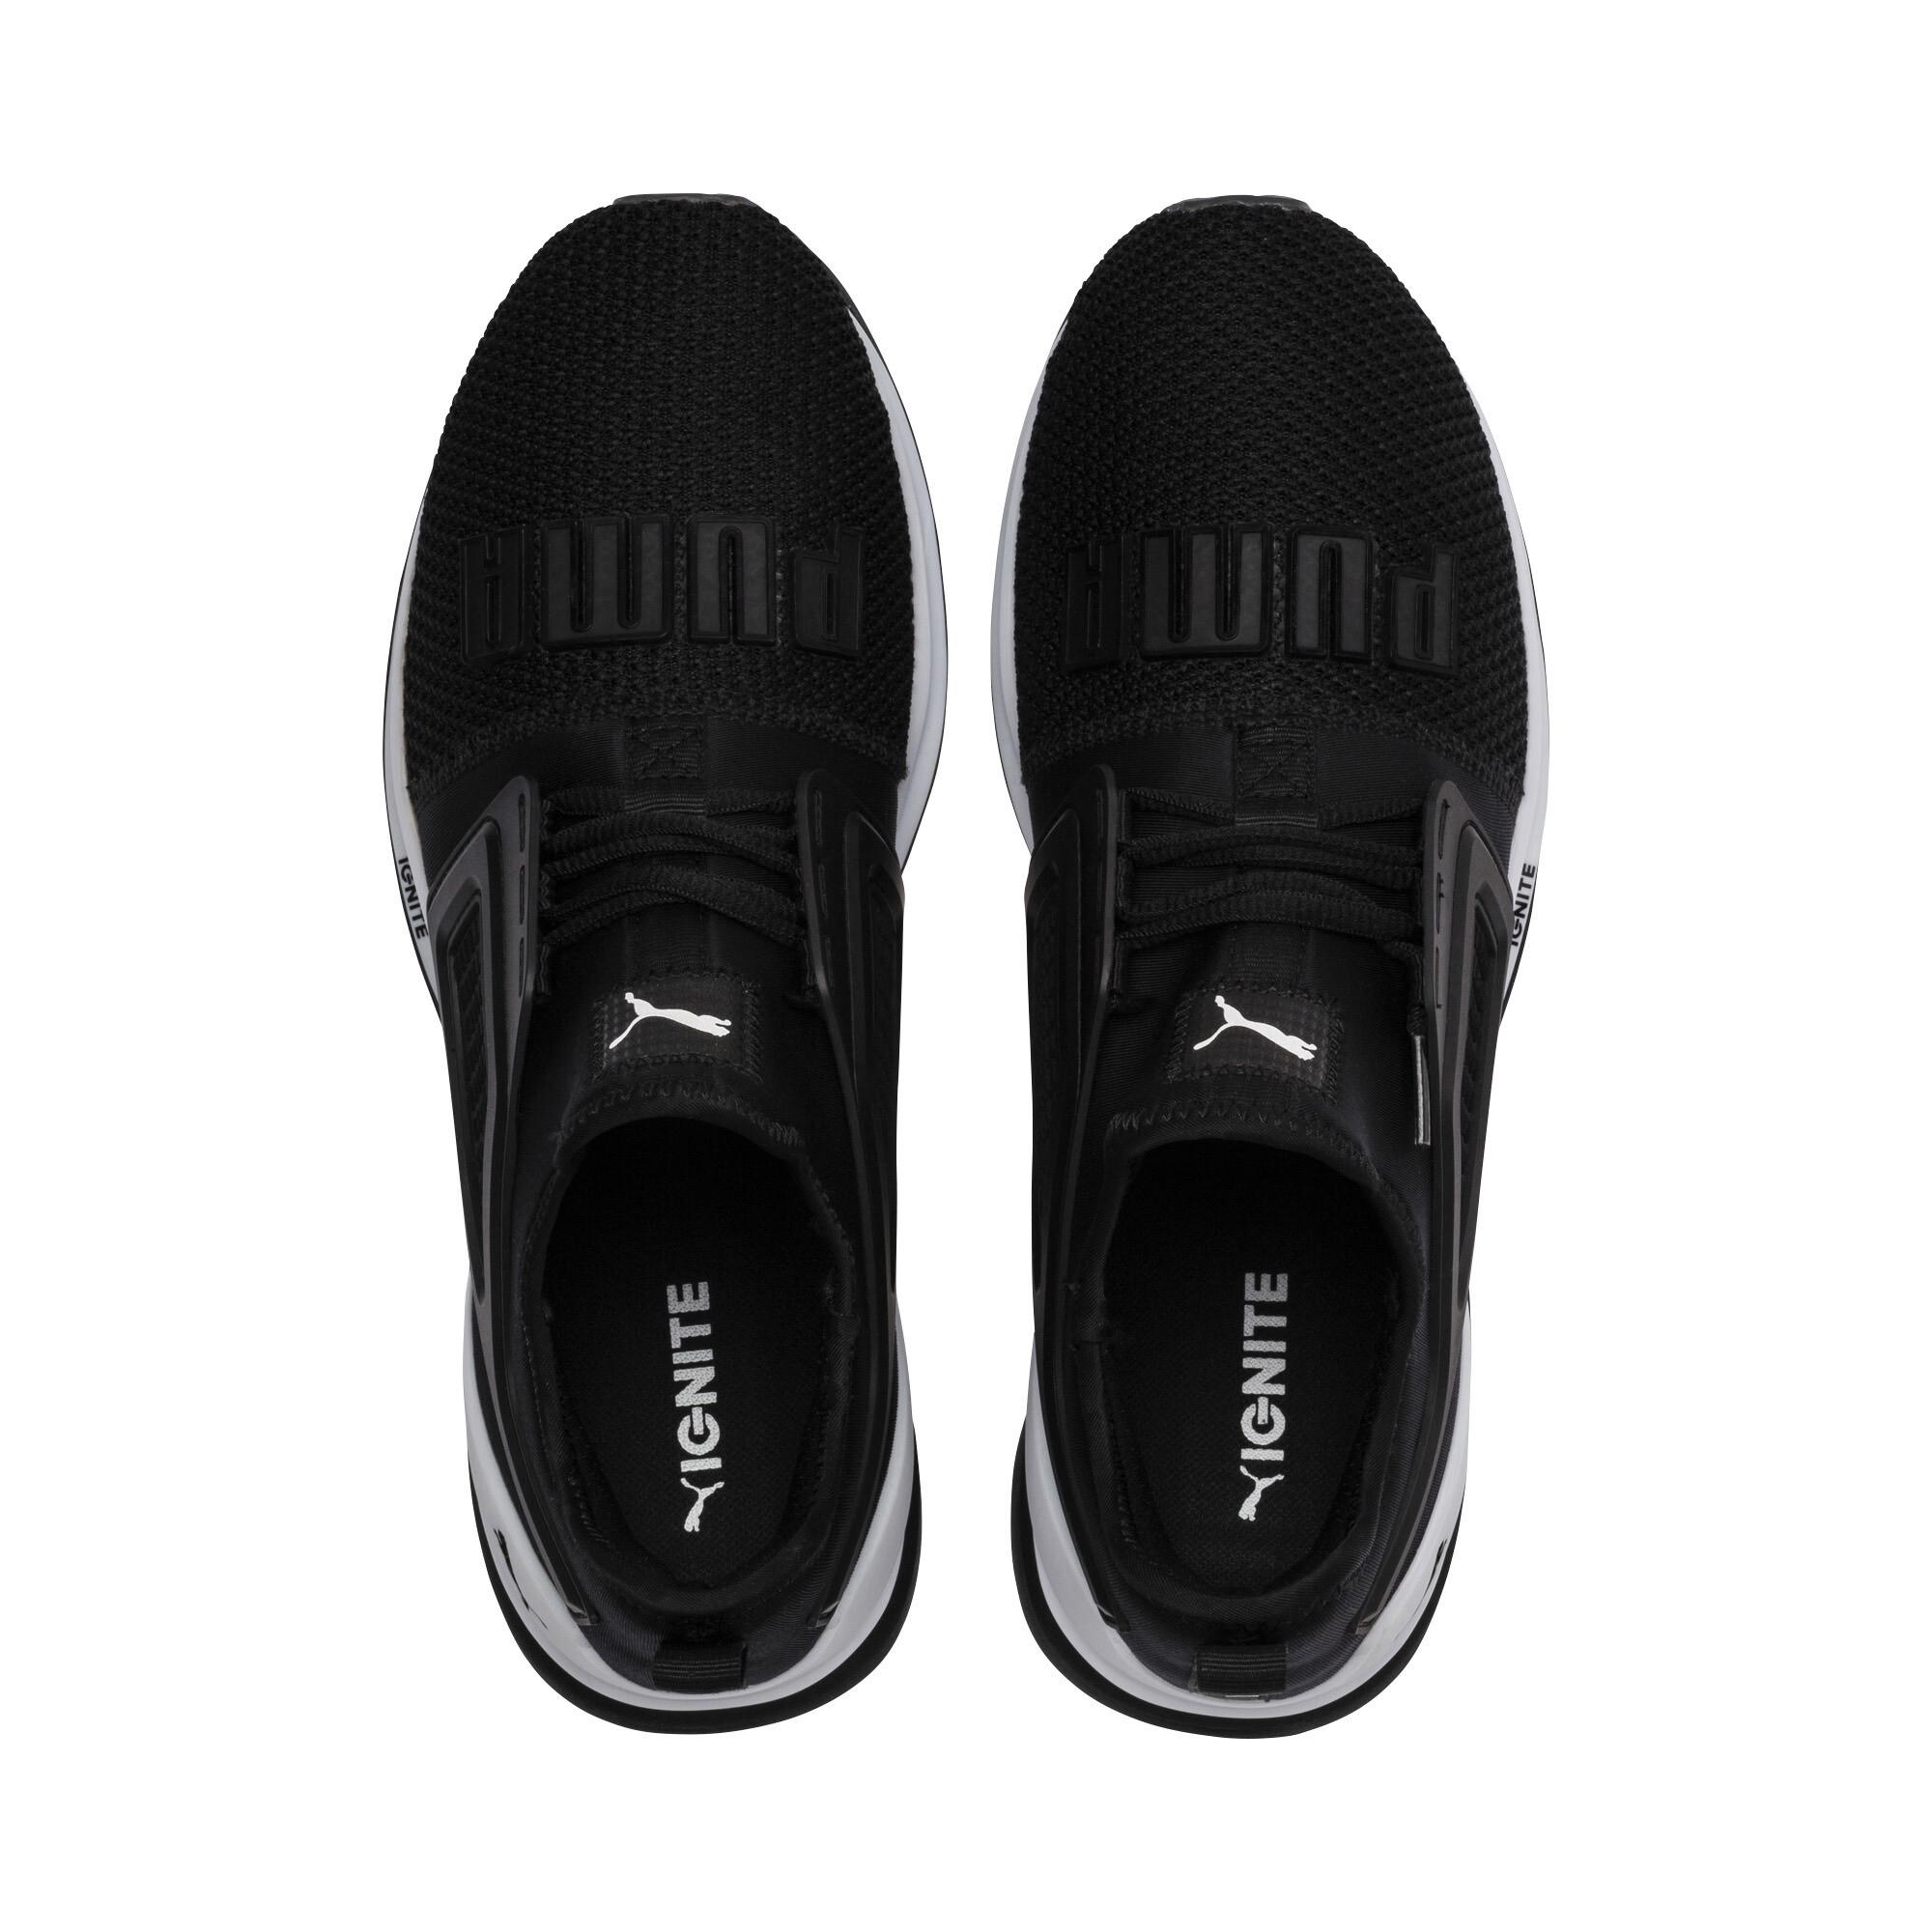 Zapatillas de running IGNITE Limitless 2